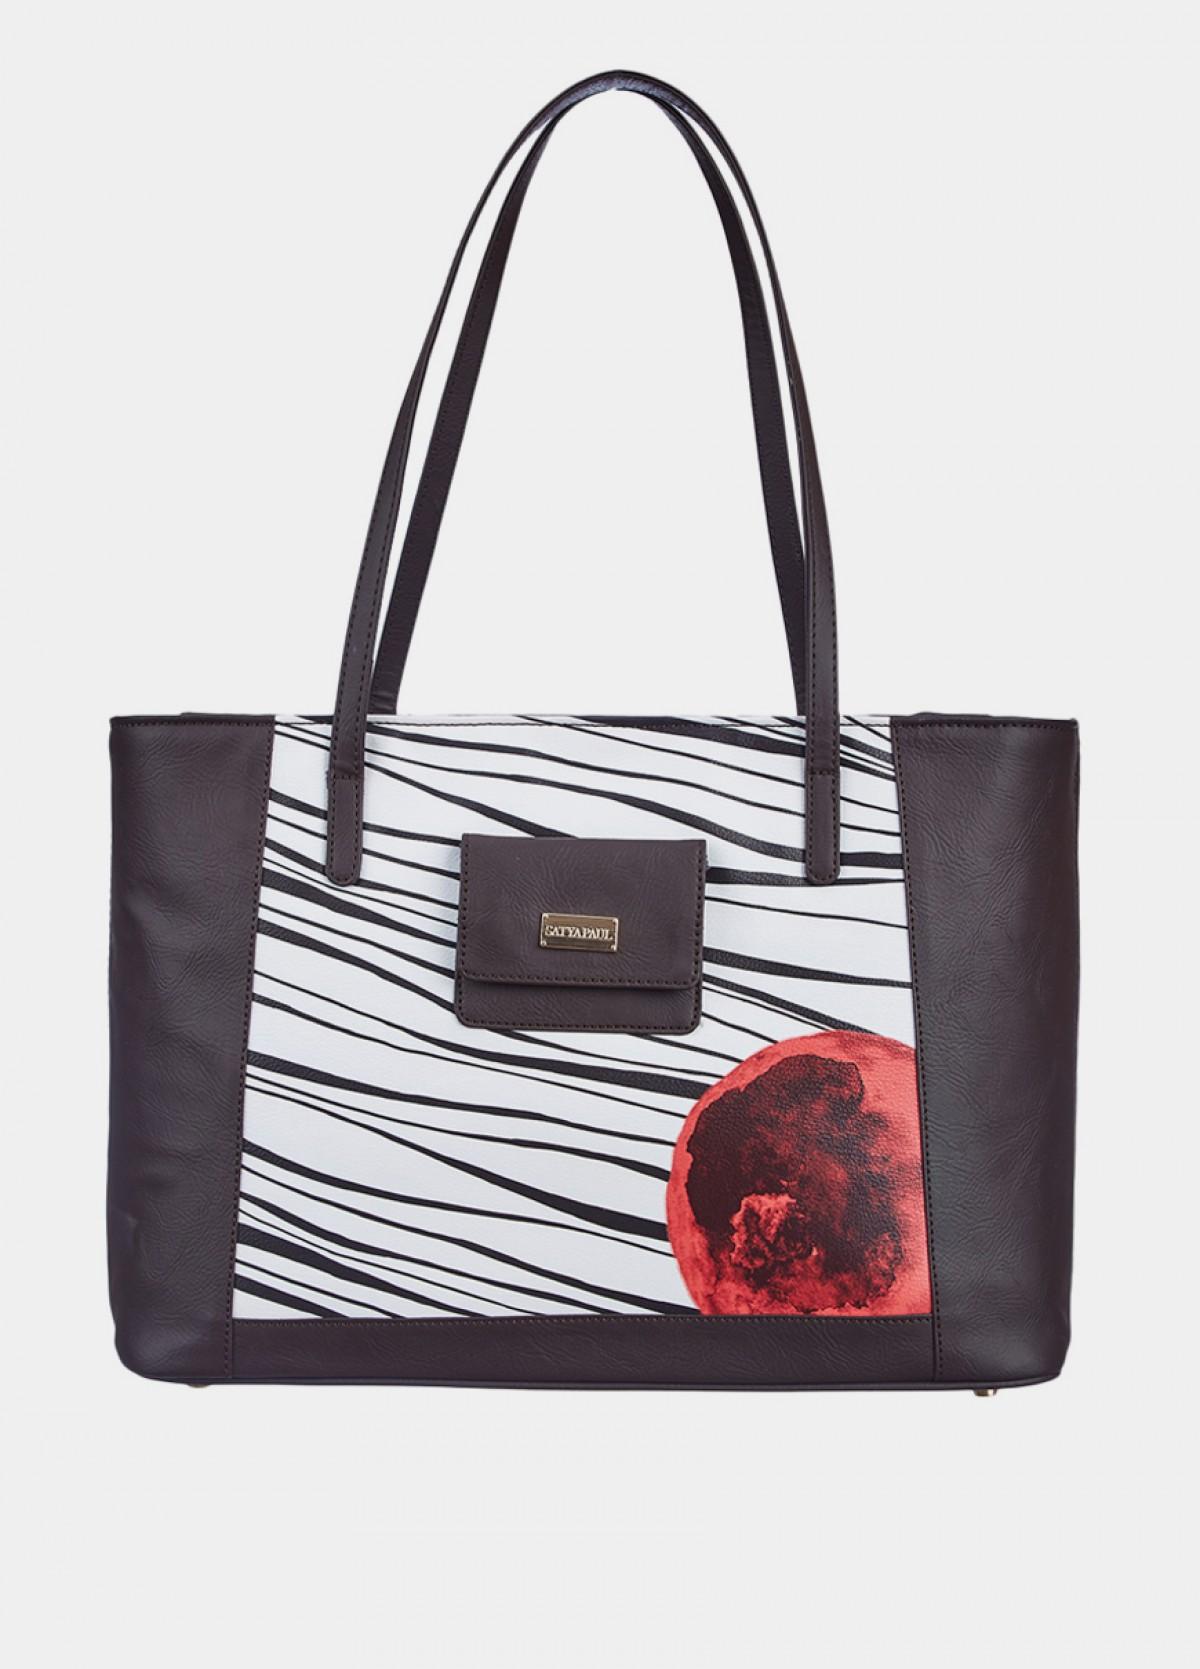 The Bindu Tote Bag